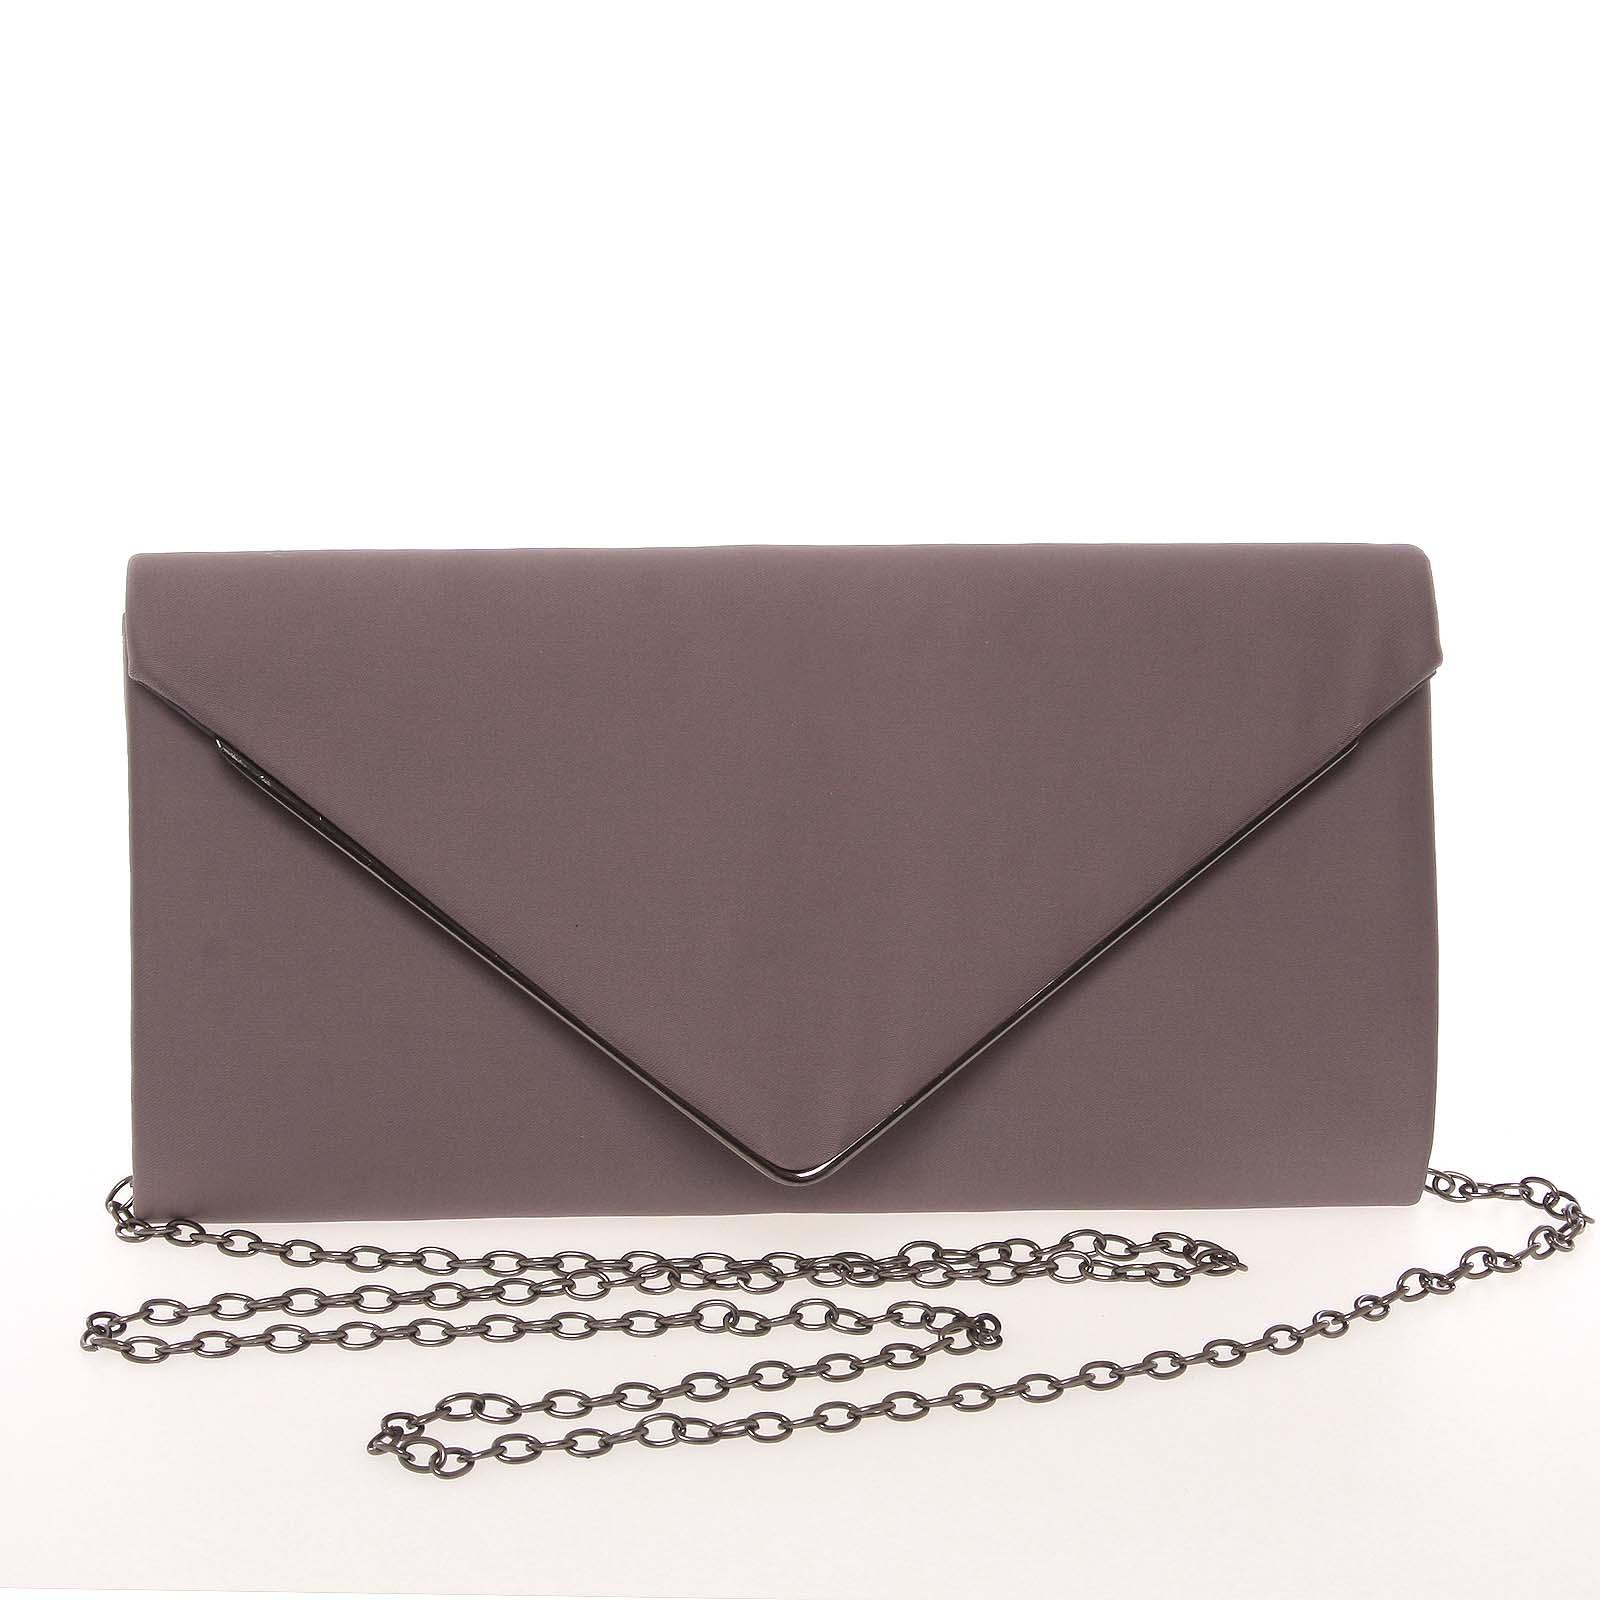 Moderná saténová dámska listová kabelka tmavosivá s glitterom - Delami D697